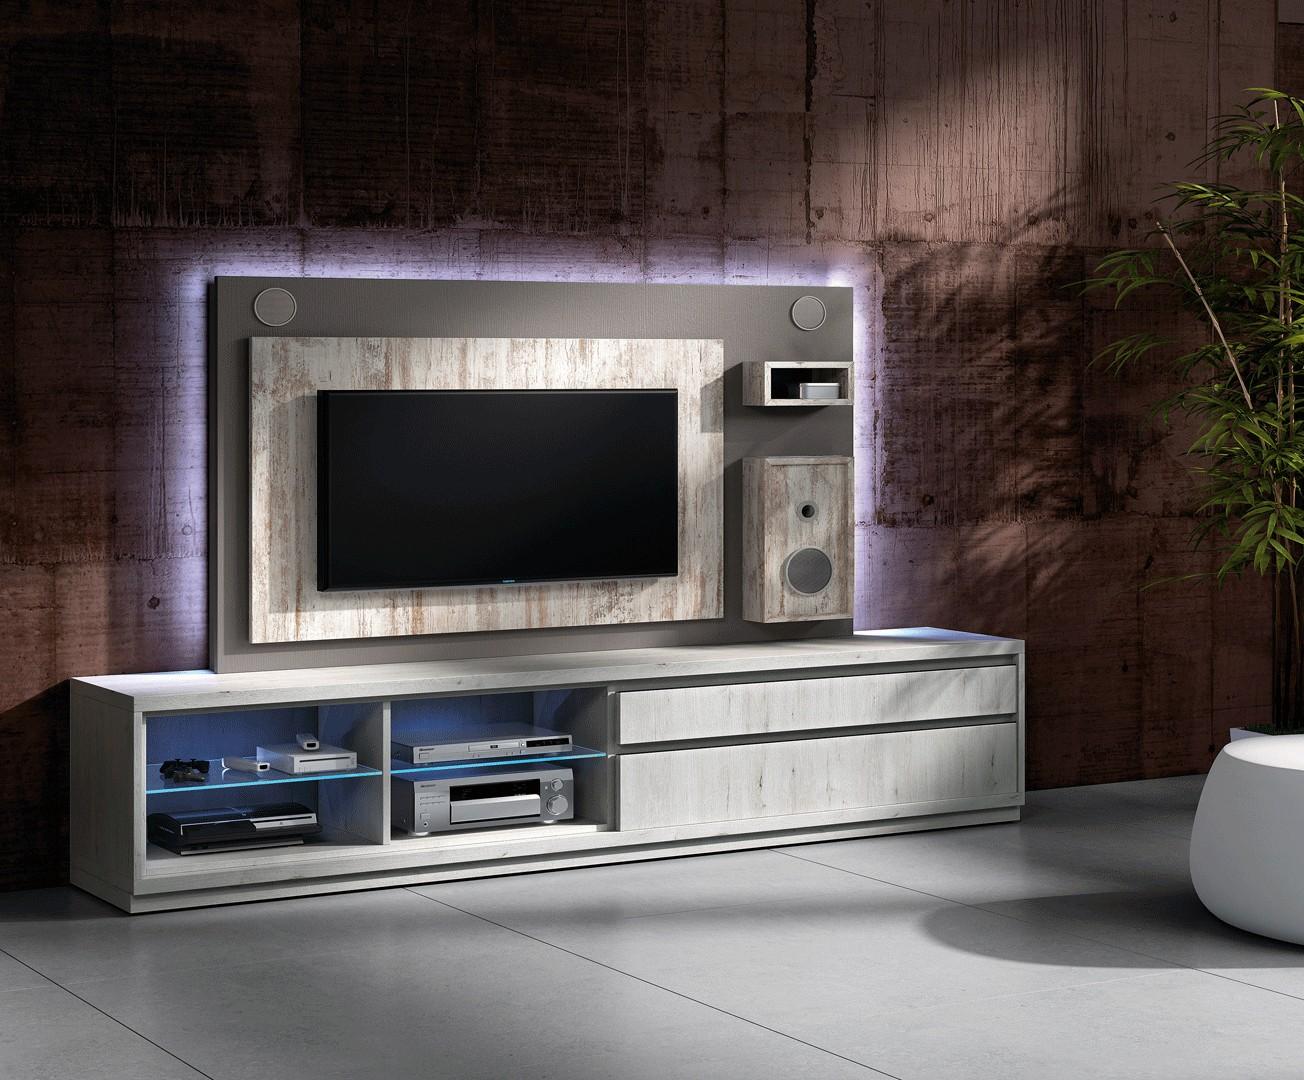 Meuble Tv Hifi Intégré meuble tv design avec enceintes intégrées nora k45 - cbc-meubles